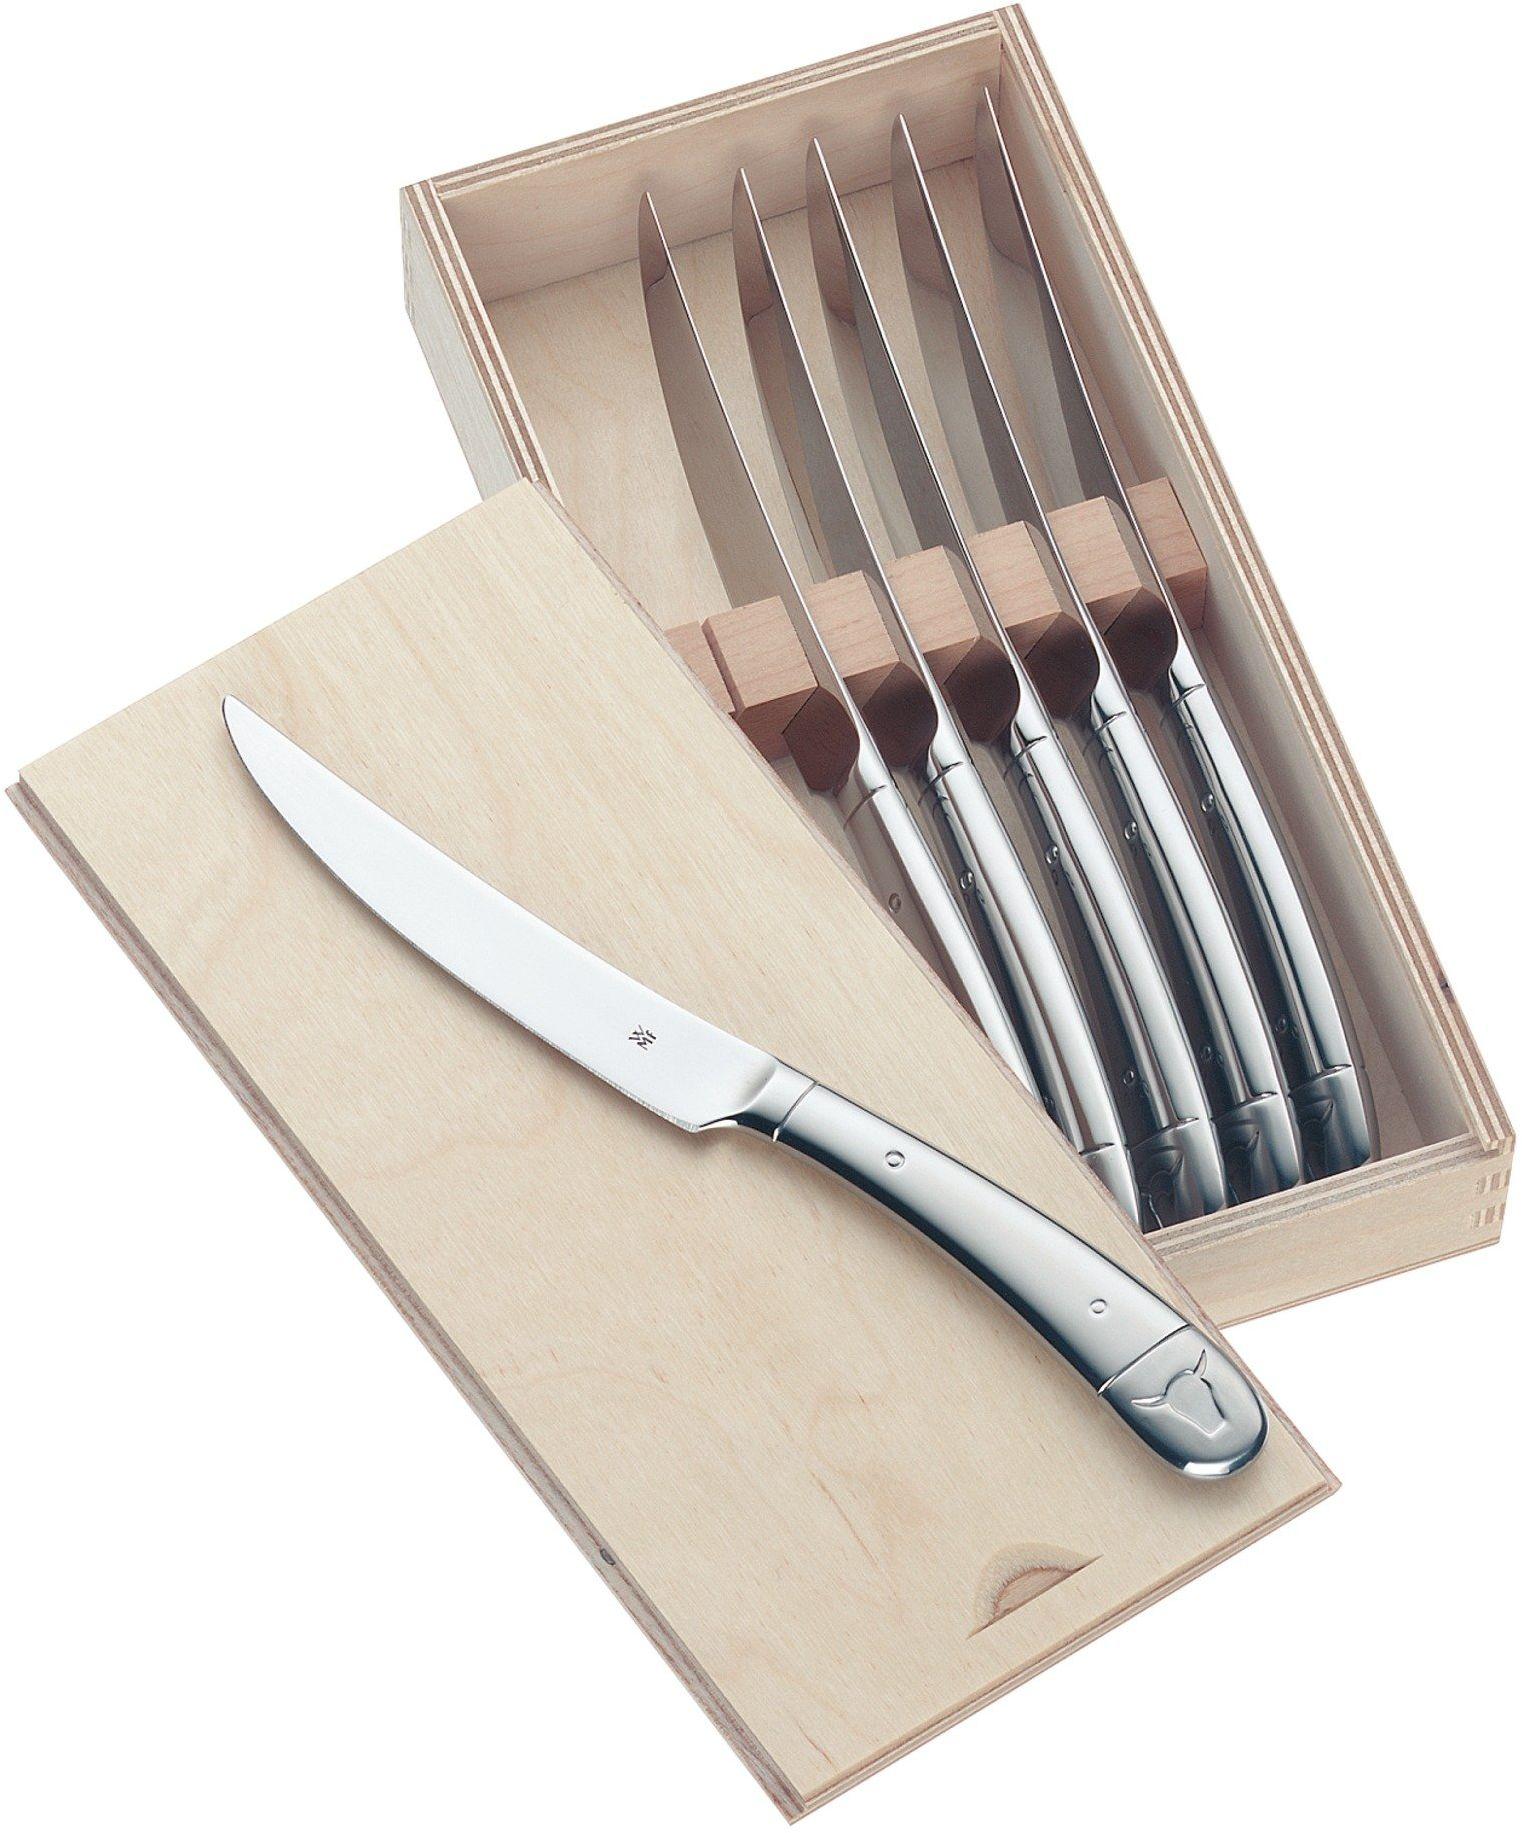 WMF Zestaw noży do steków, srebrny, 6-częściowy